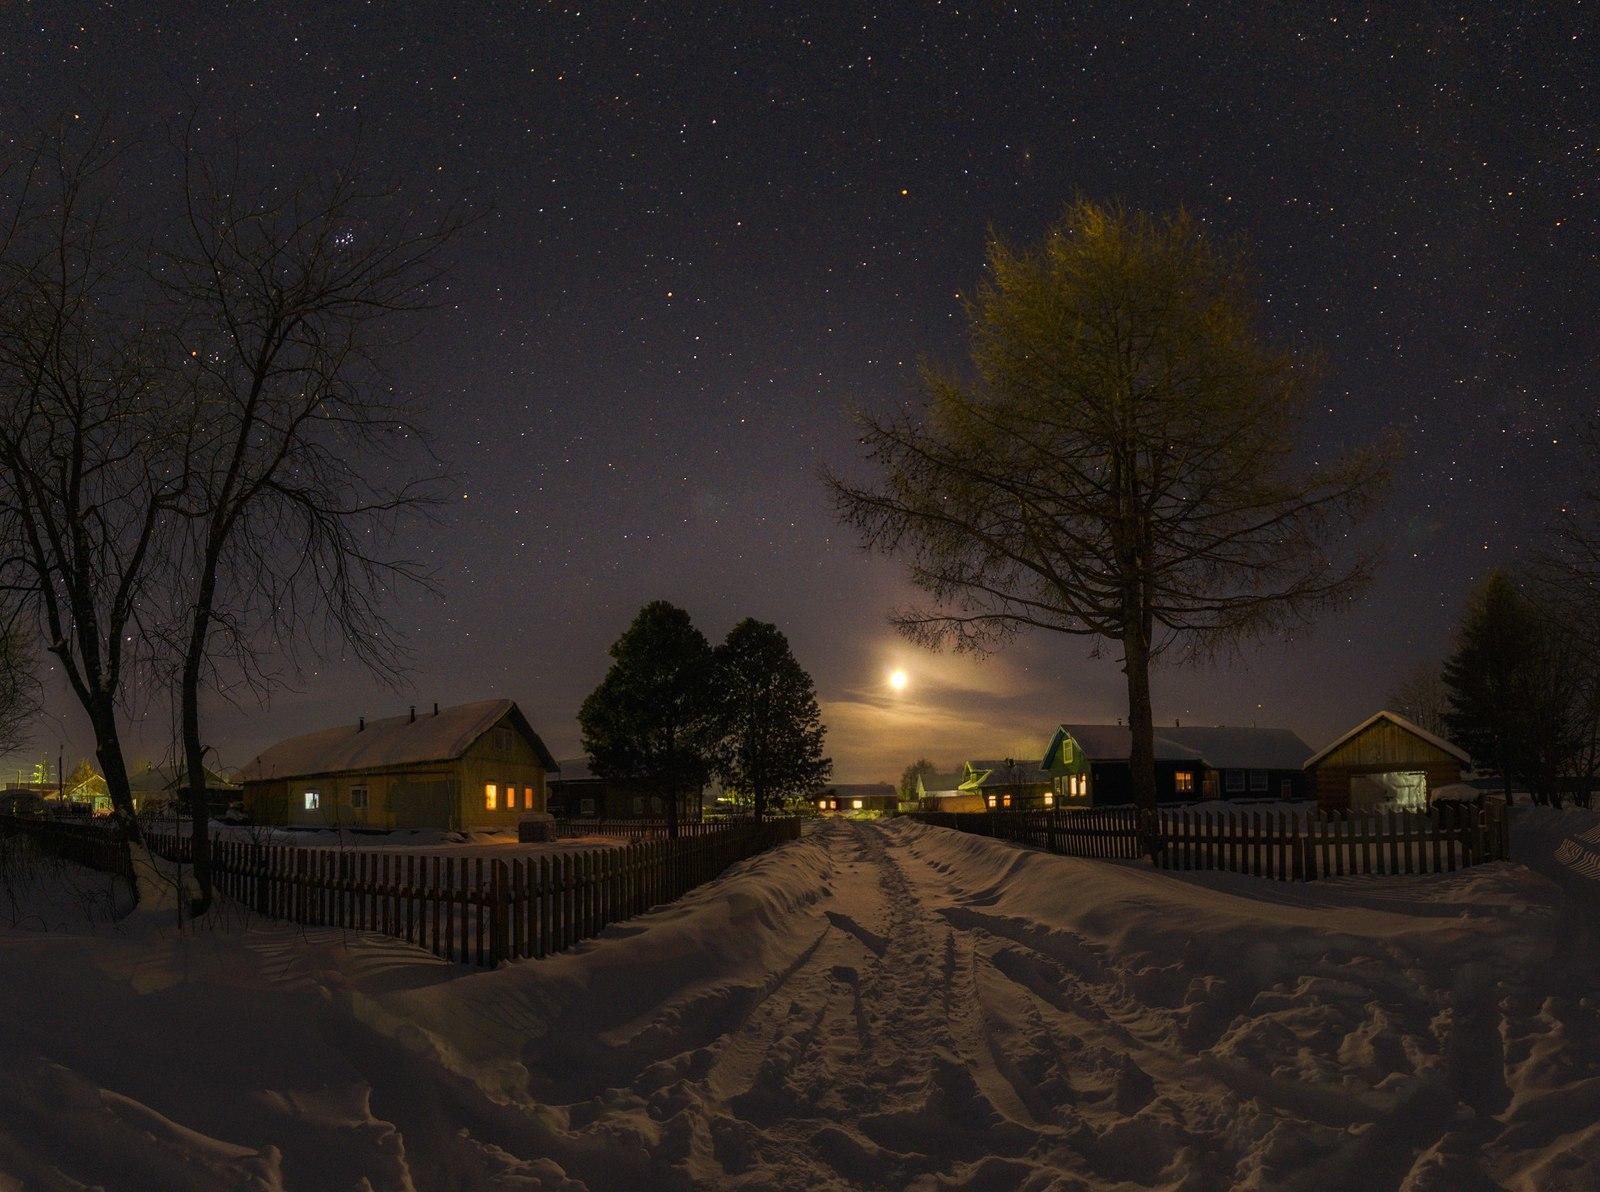 Картинки ночной пейзаж сел